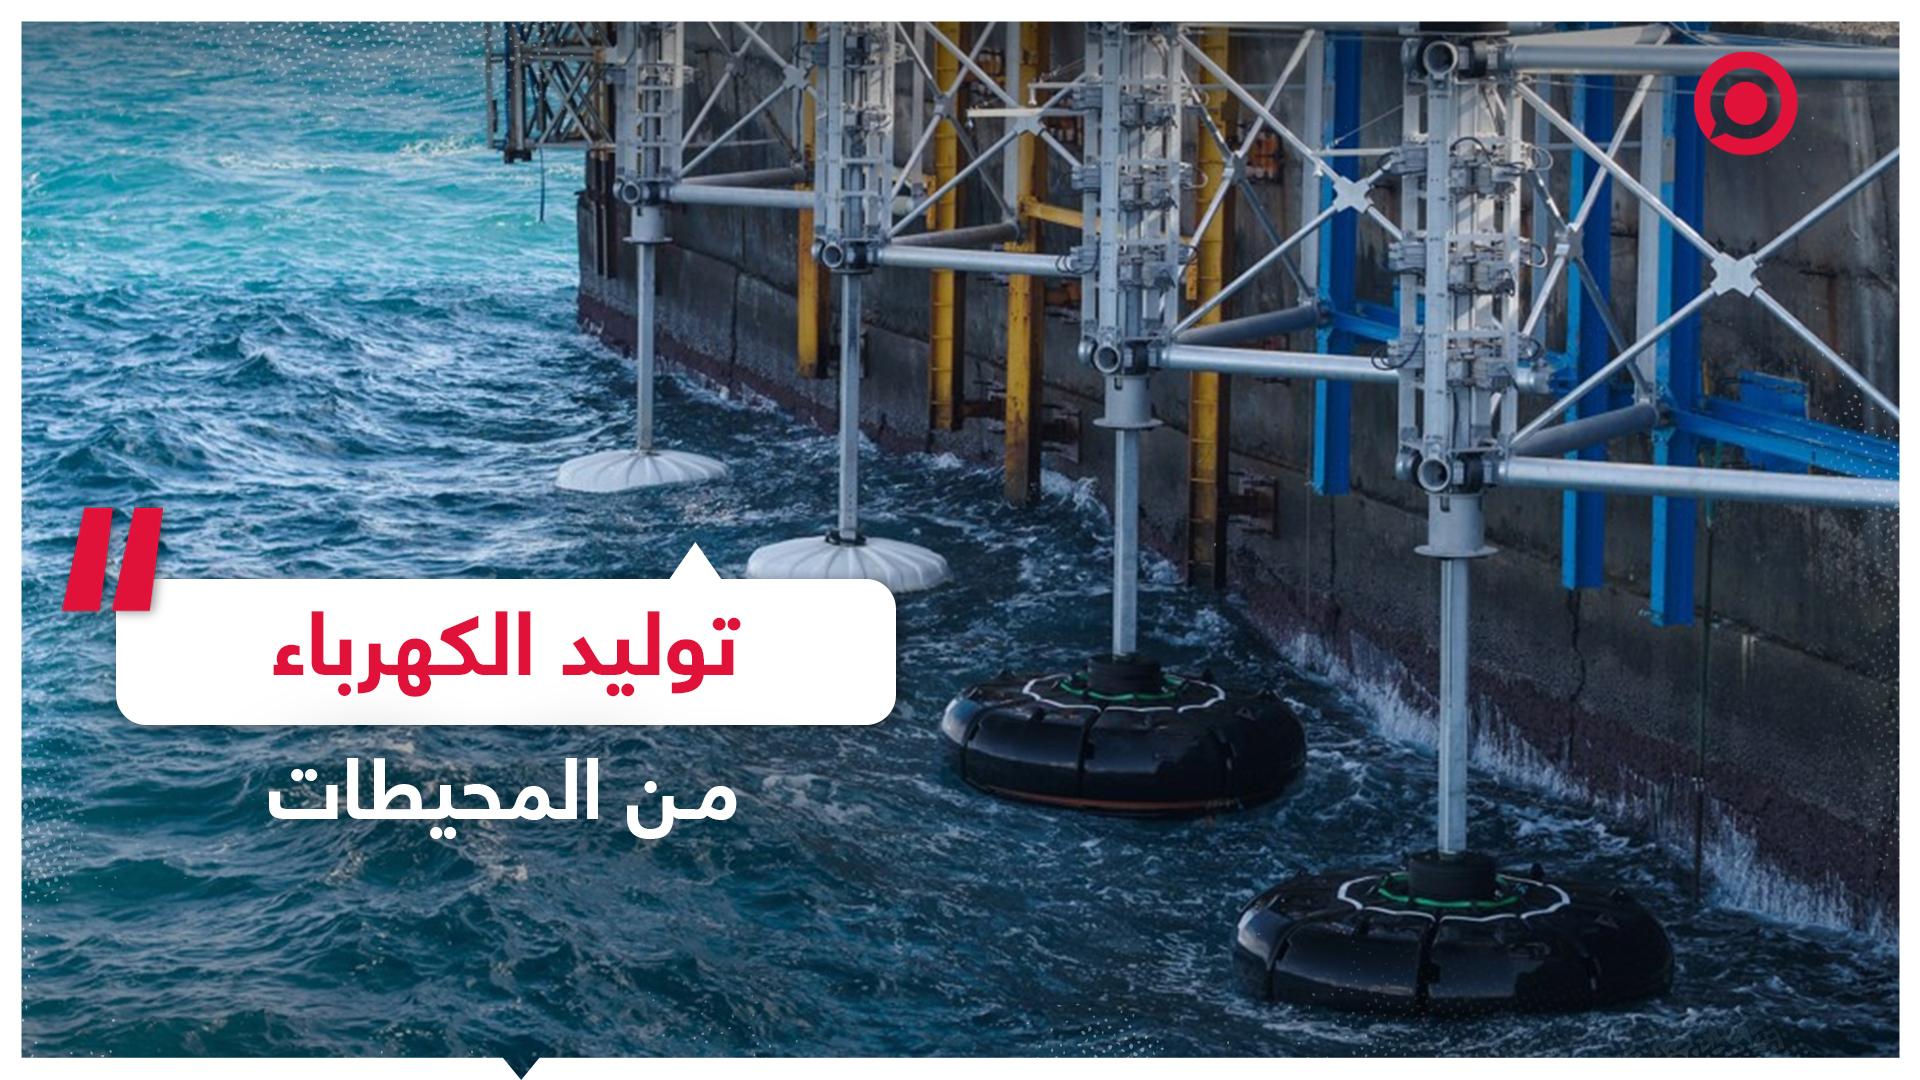 توليد الكهرباء من المحيطات